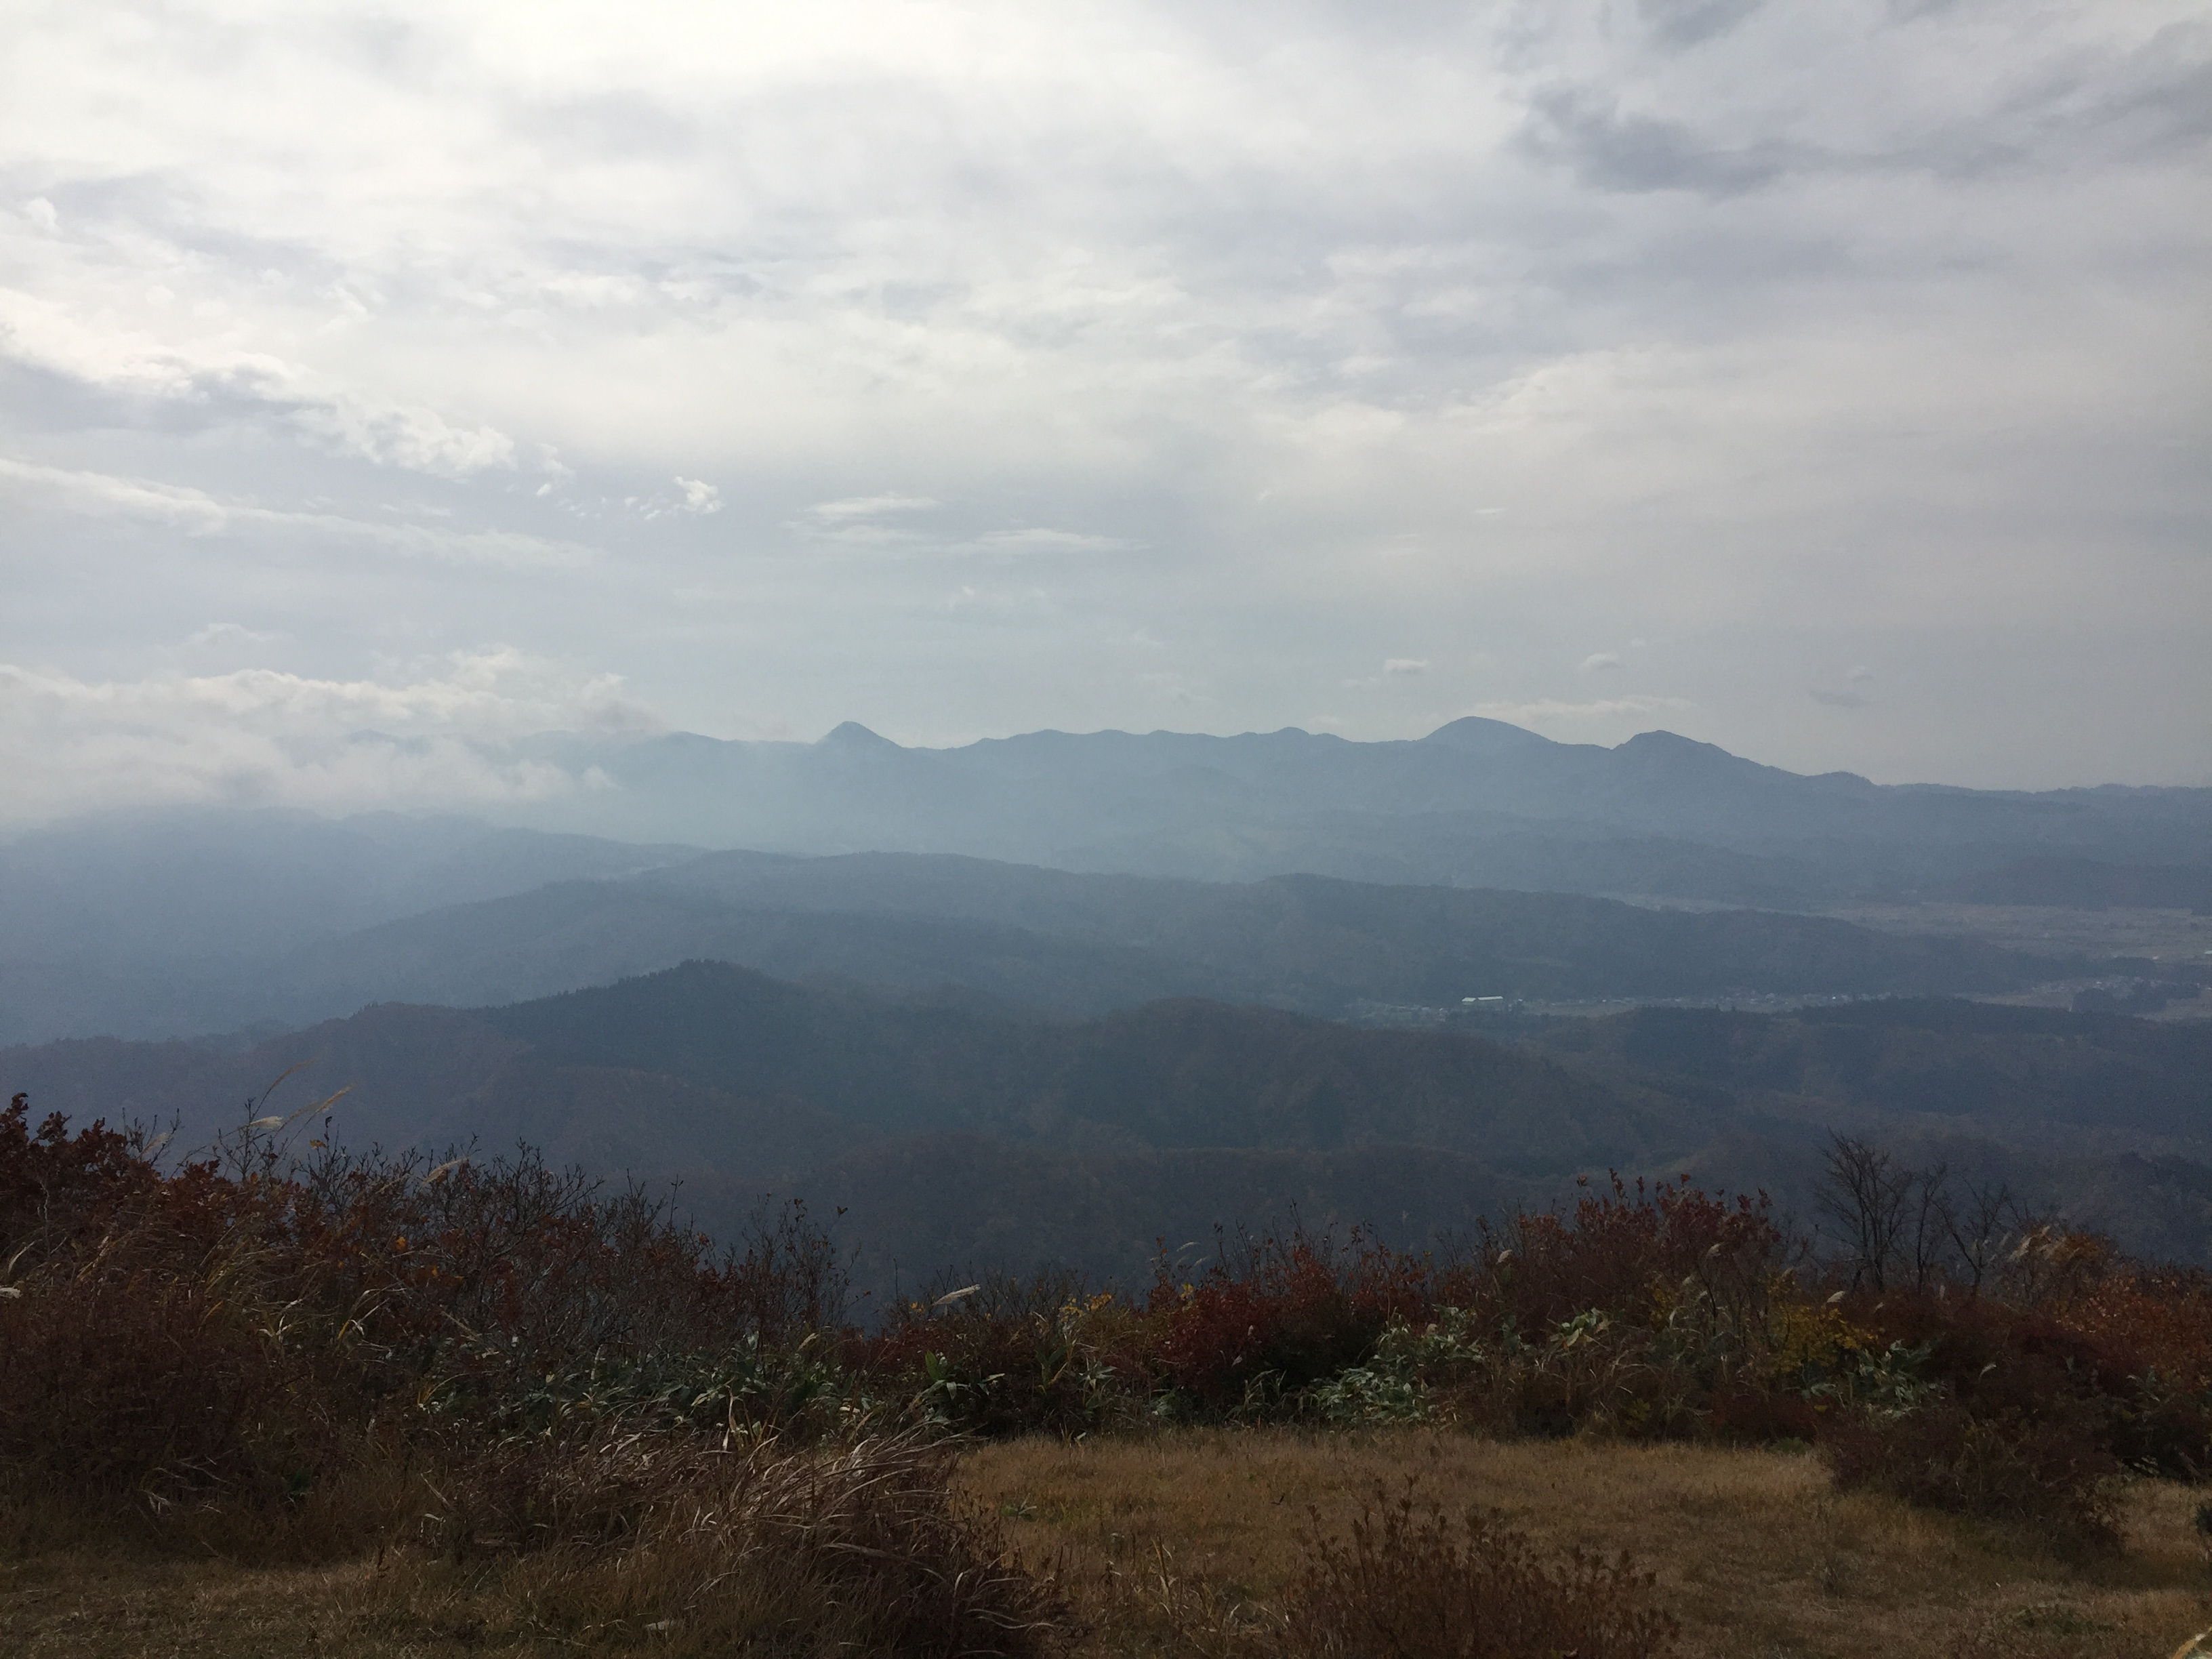 二ツ森 山形百名山 山頂 展望